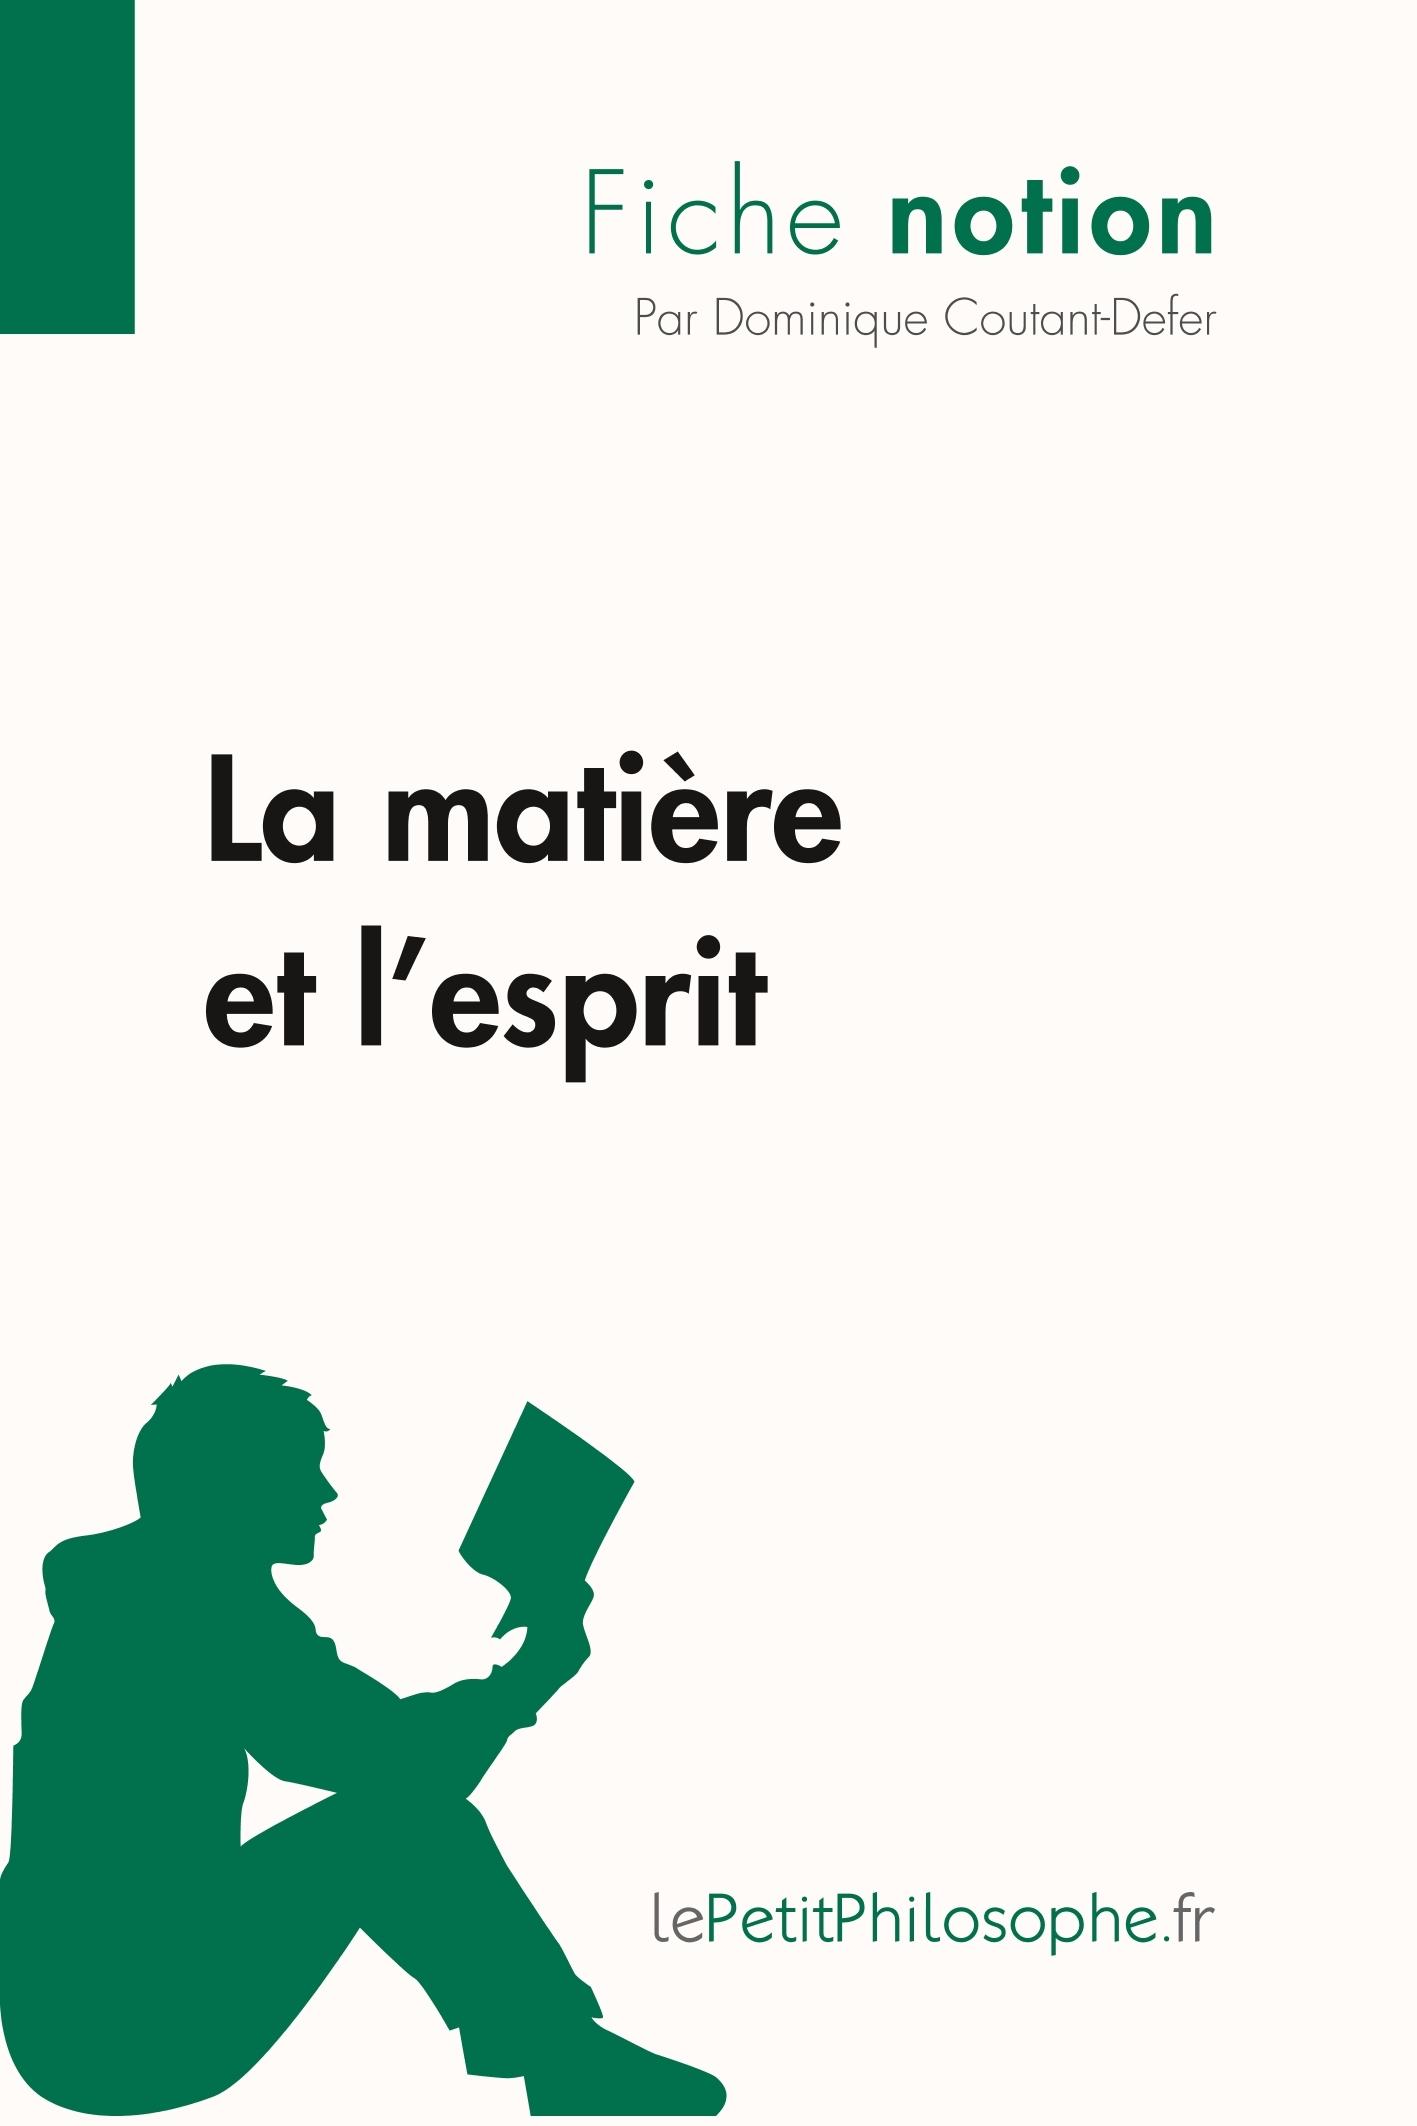 LA MATIERE ET L'ESPRIT (FICHE NOTION)